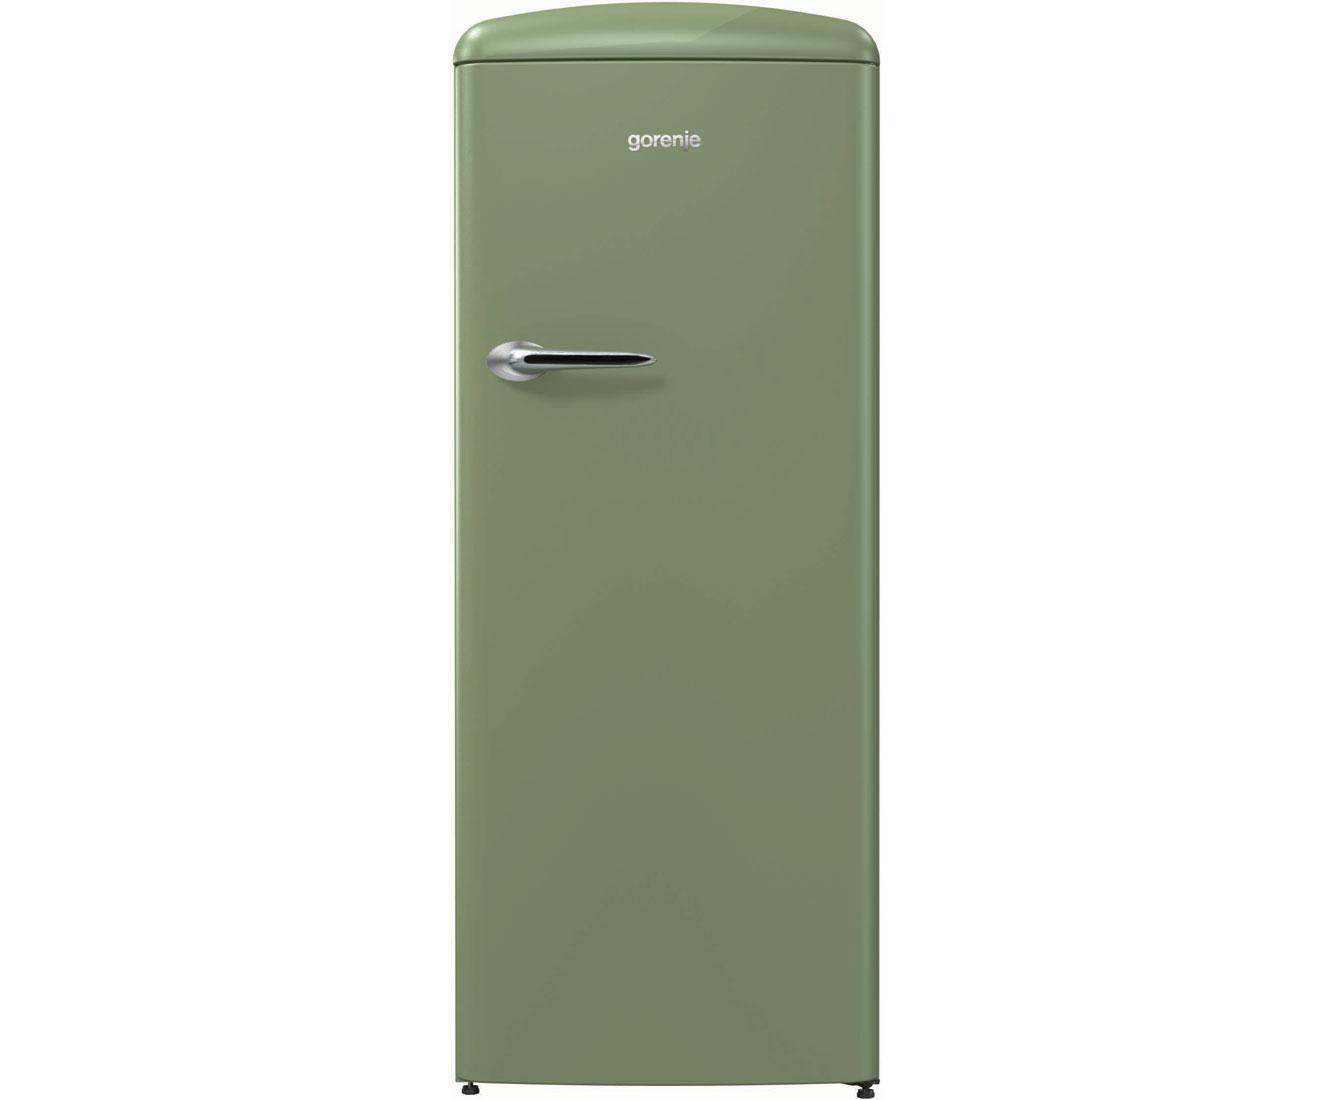 Gorenje Kühlschrank Ohne Gefrierfach : Gorenje oldtimer orb ol kühlschrank mit gefrierfach olivgrün